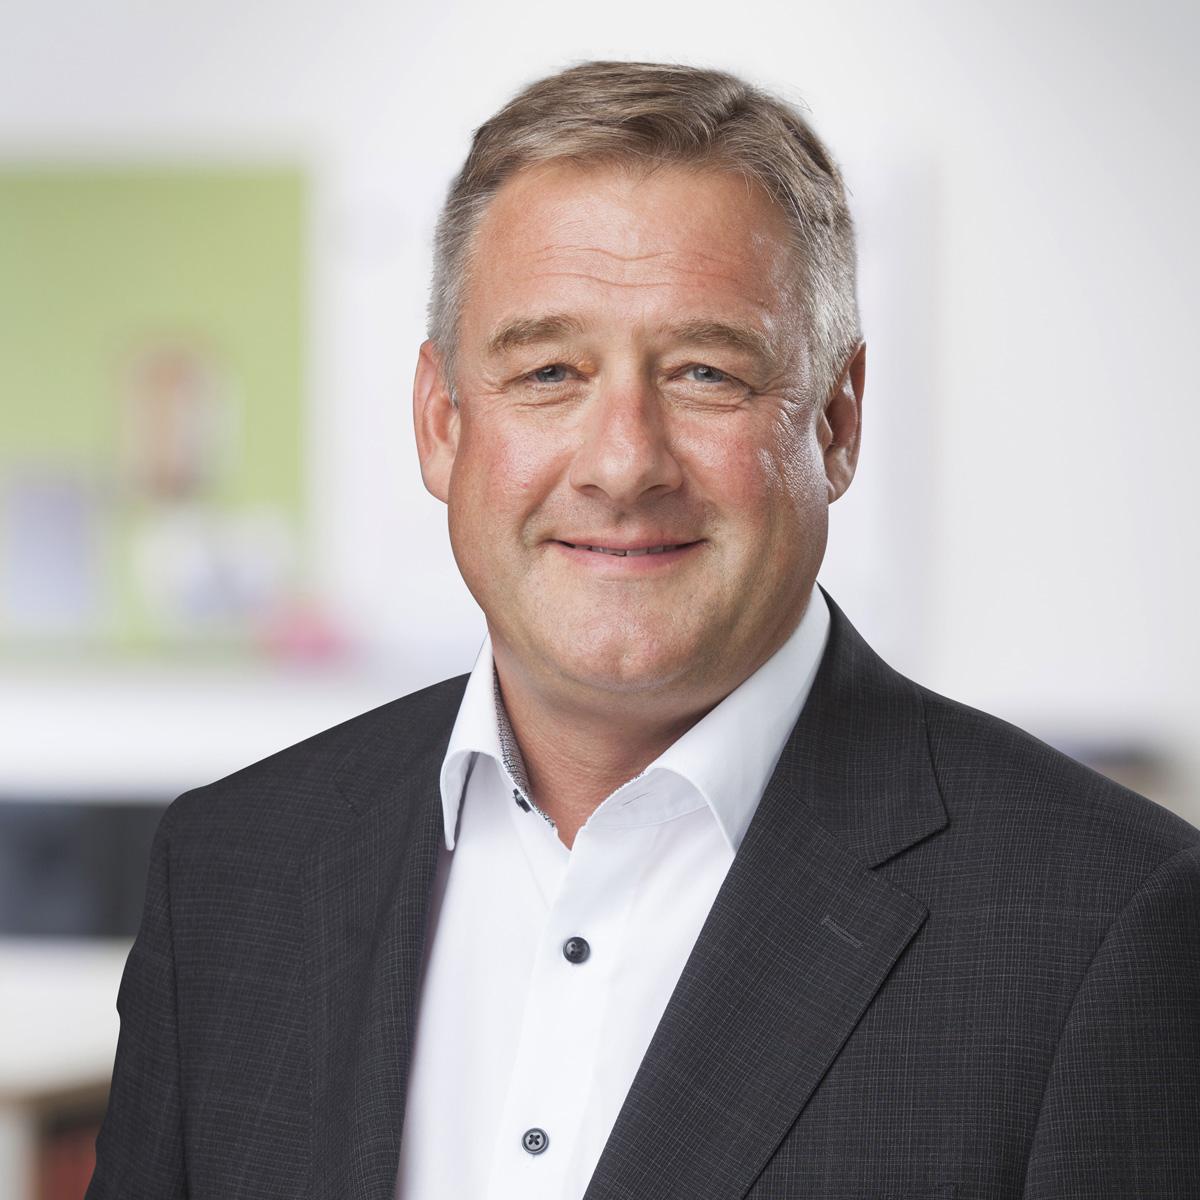 Geschäftsführender Gesellschafter Axel Schneider